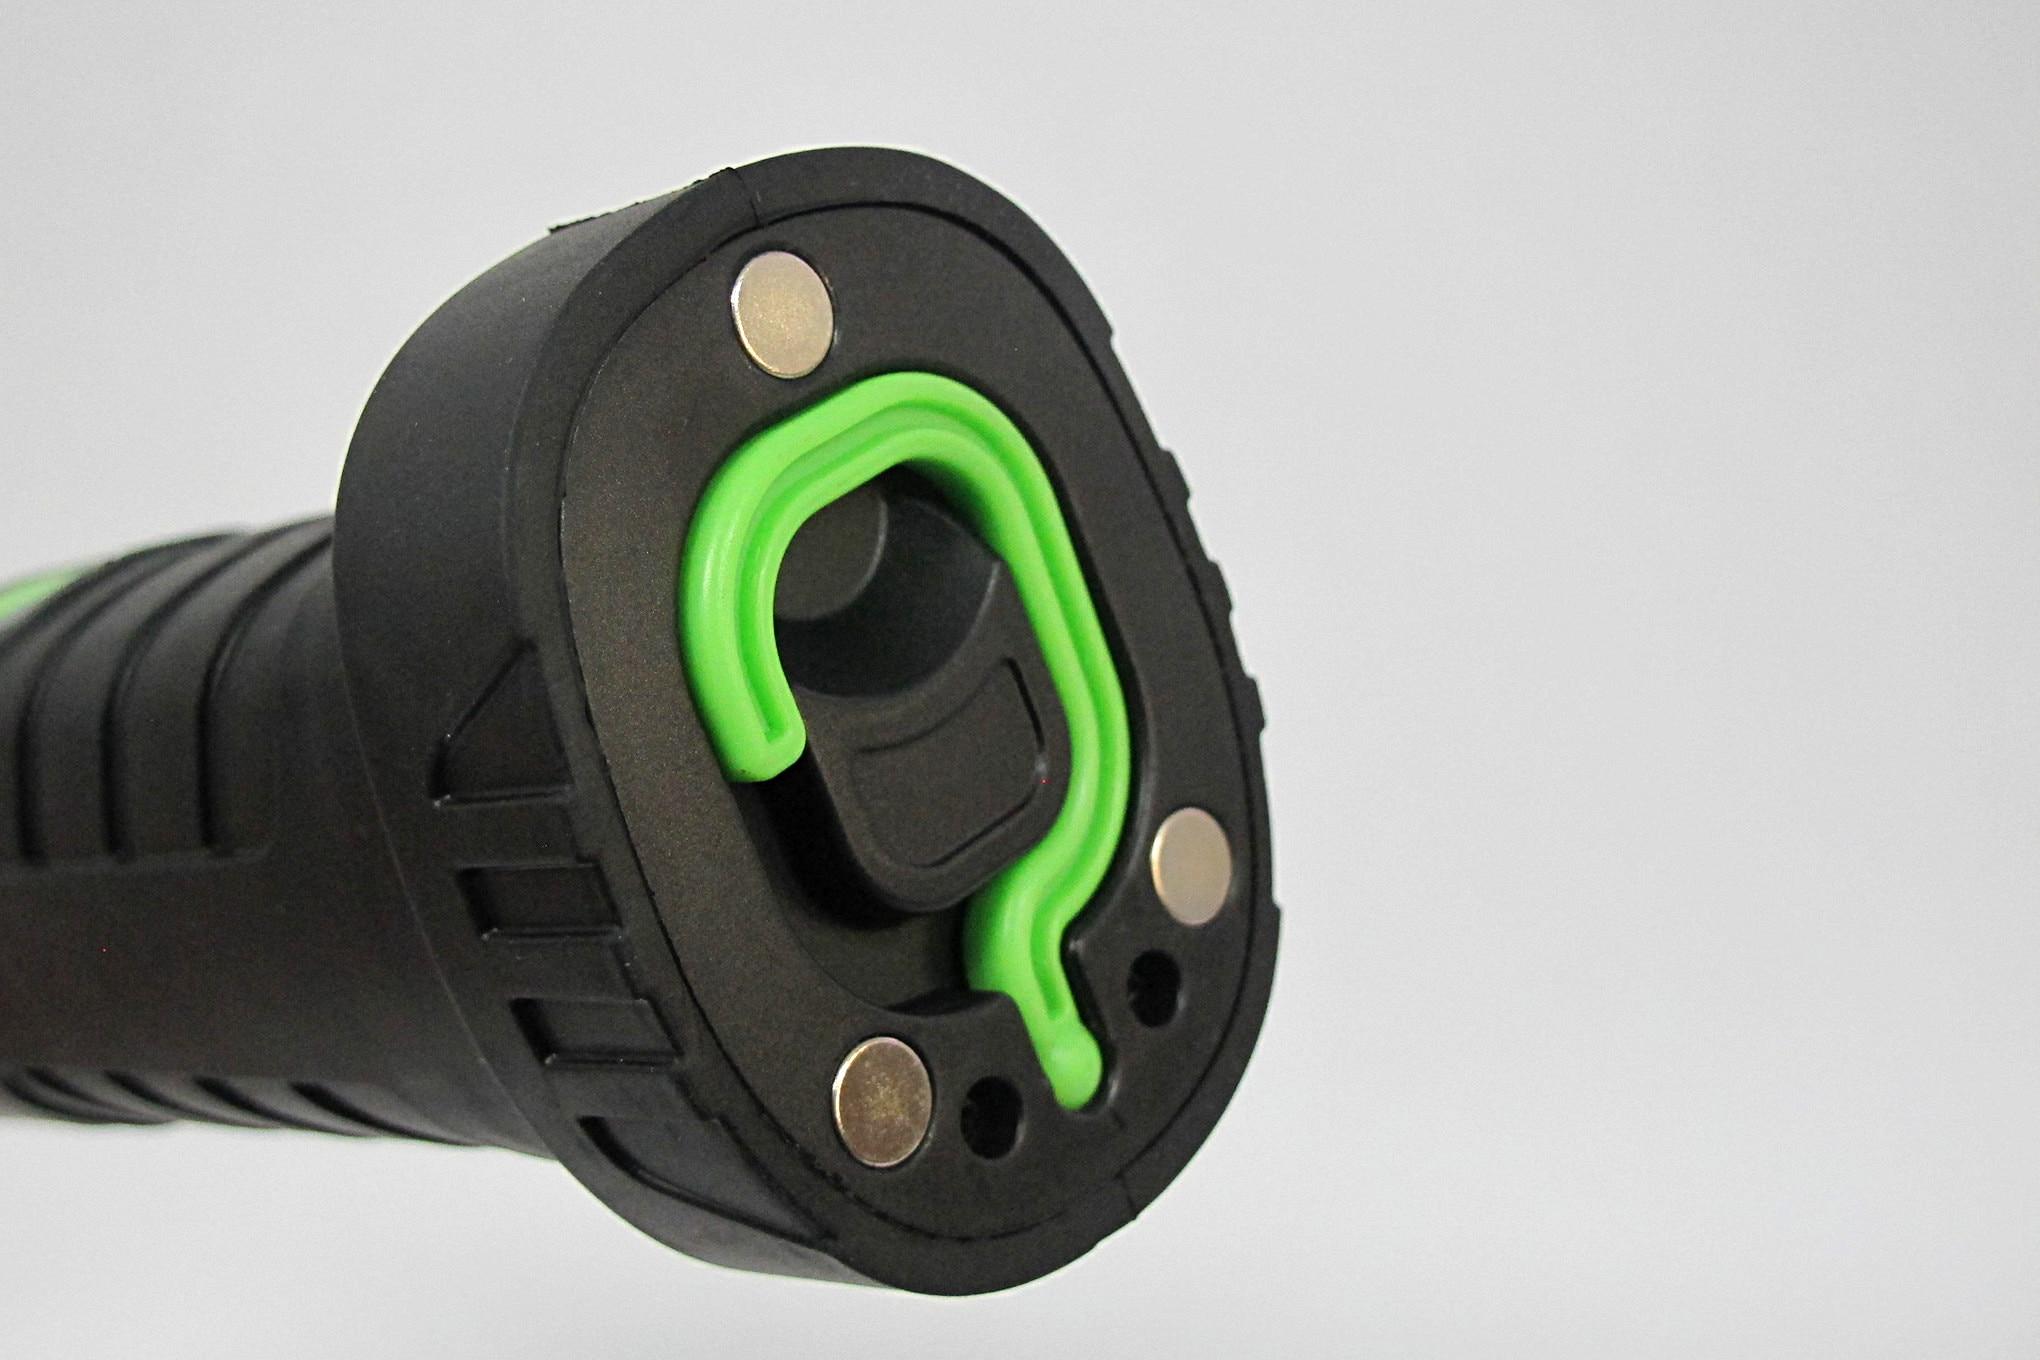 08 Mychanic LED PIK Light Magnetic Base With Hook